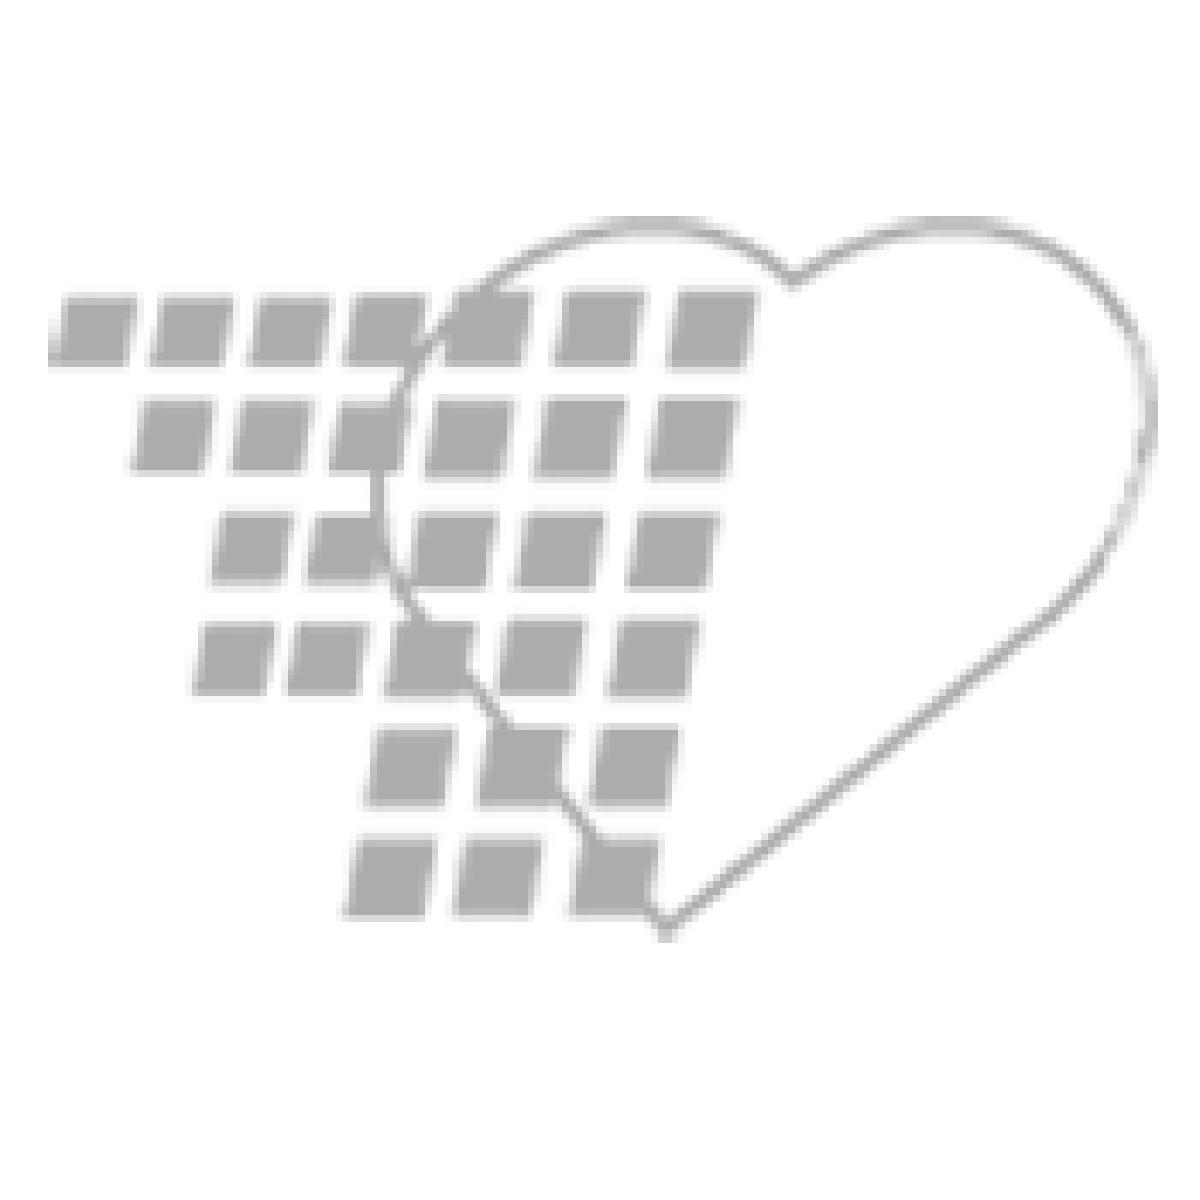 05-51-111 Sensi-Wrap Self Adherent Bandage Roll